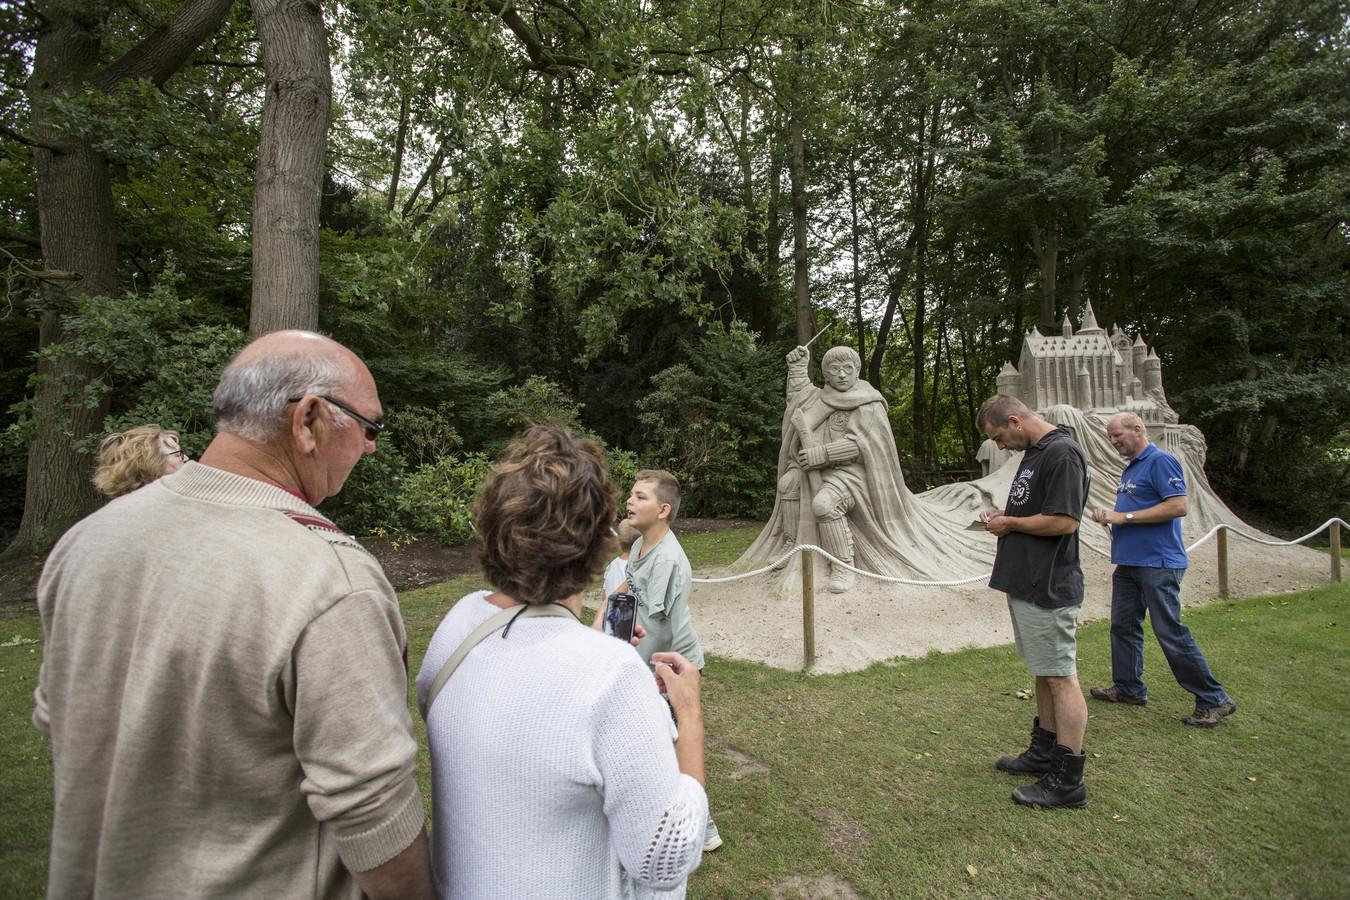 Publiek bij zandsculptuur van Harry Potter op Landgoed Warmelo in Diepenheim.